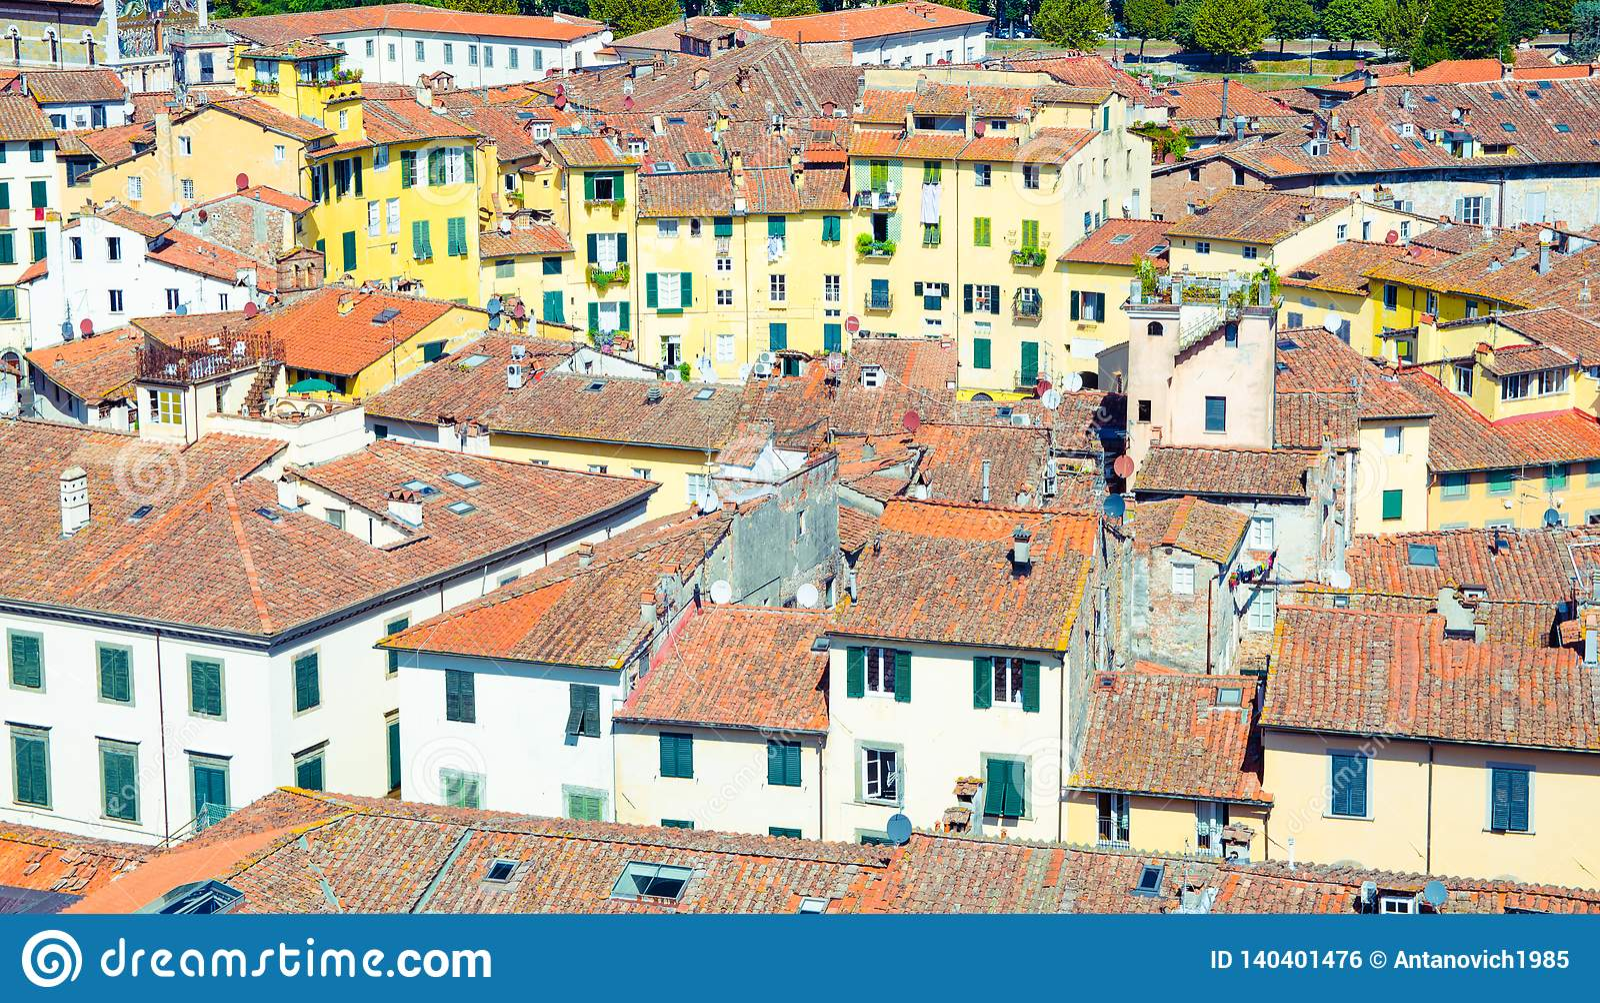 Flyg- bästa sikt av den piazzadellAnfiteatro fyrkanten i historisk mitt av den medeltida staden Lucca